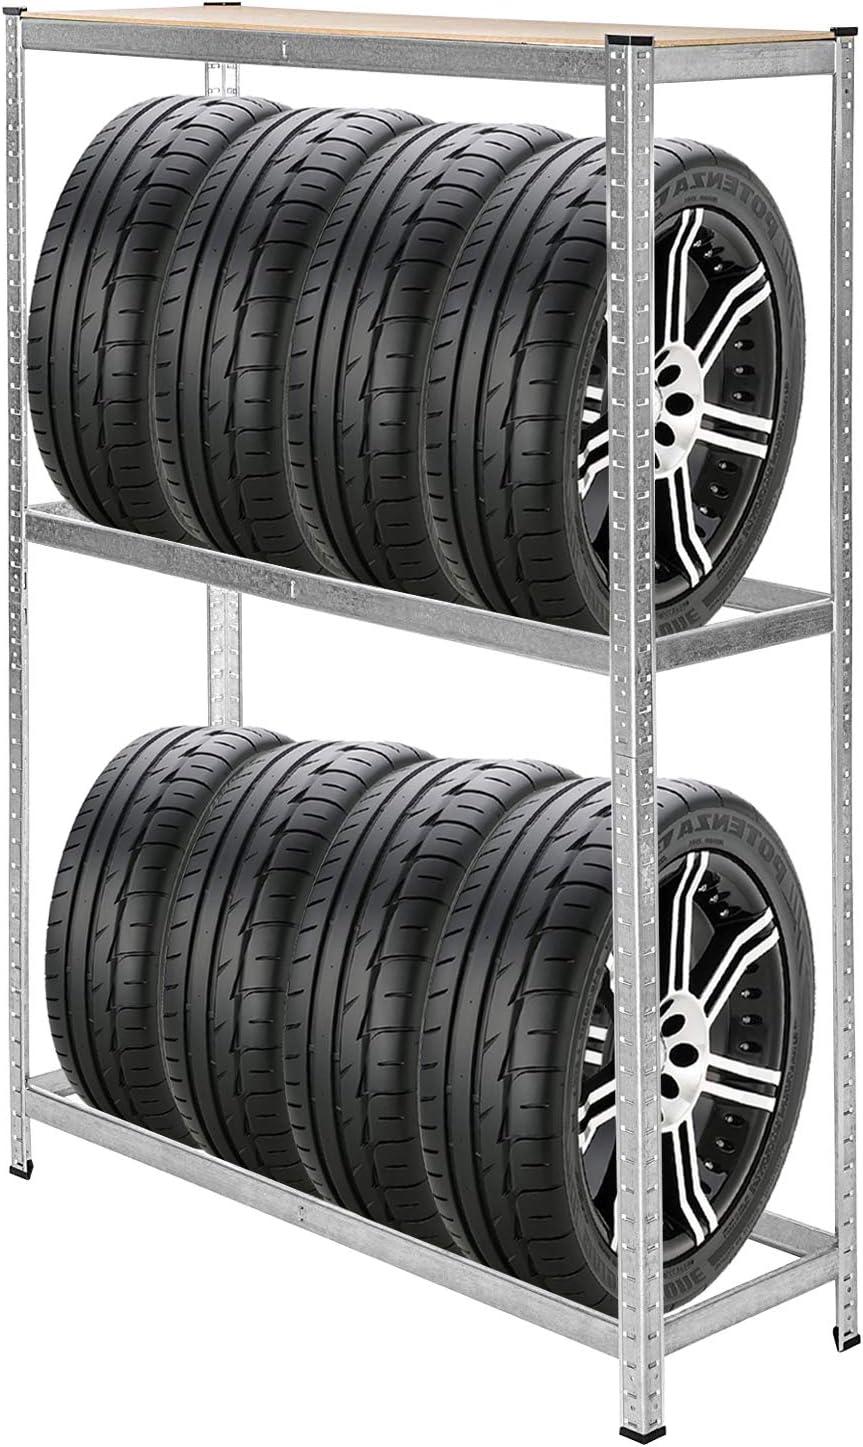 Reifenständer Reifenregal Steckregal Werkstattregal für 8 Reifen 180x120x40 cm